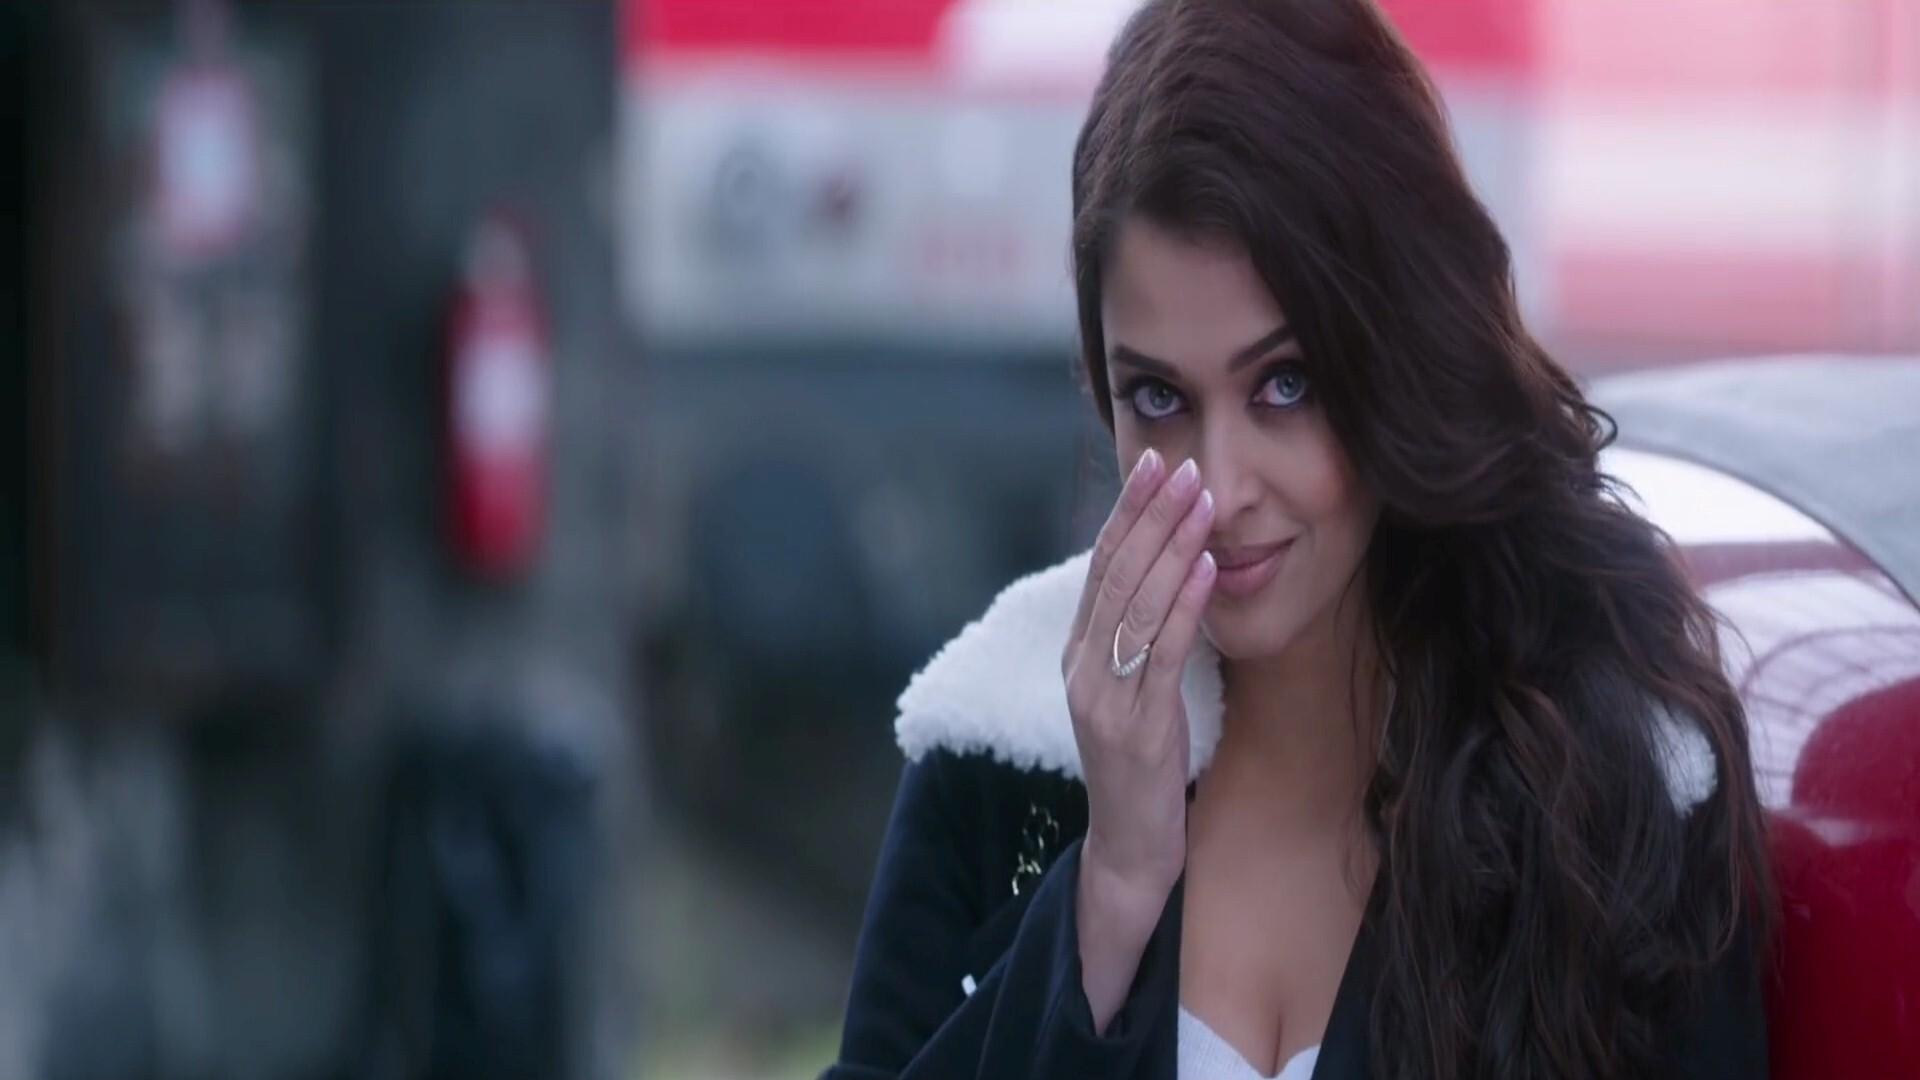 Aishwarya Rai In Ae Dil Hai Mushkil Hindi Film Hd Wallpapers Hd